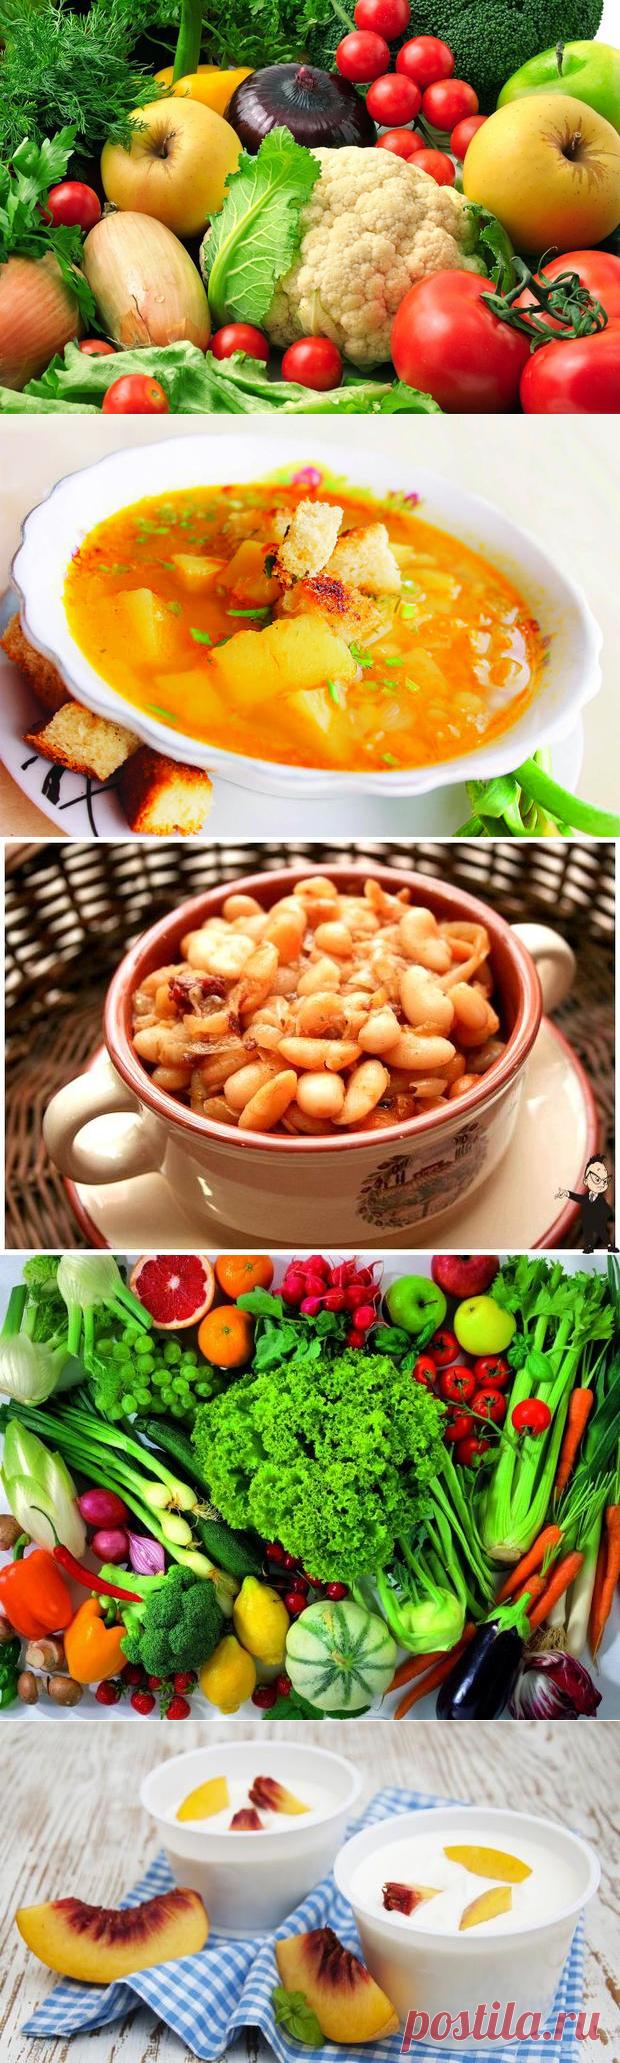 Здоровье со вкусом: топ-9 продуктов для легкого похудания - Здоровье на Joinfo.ua